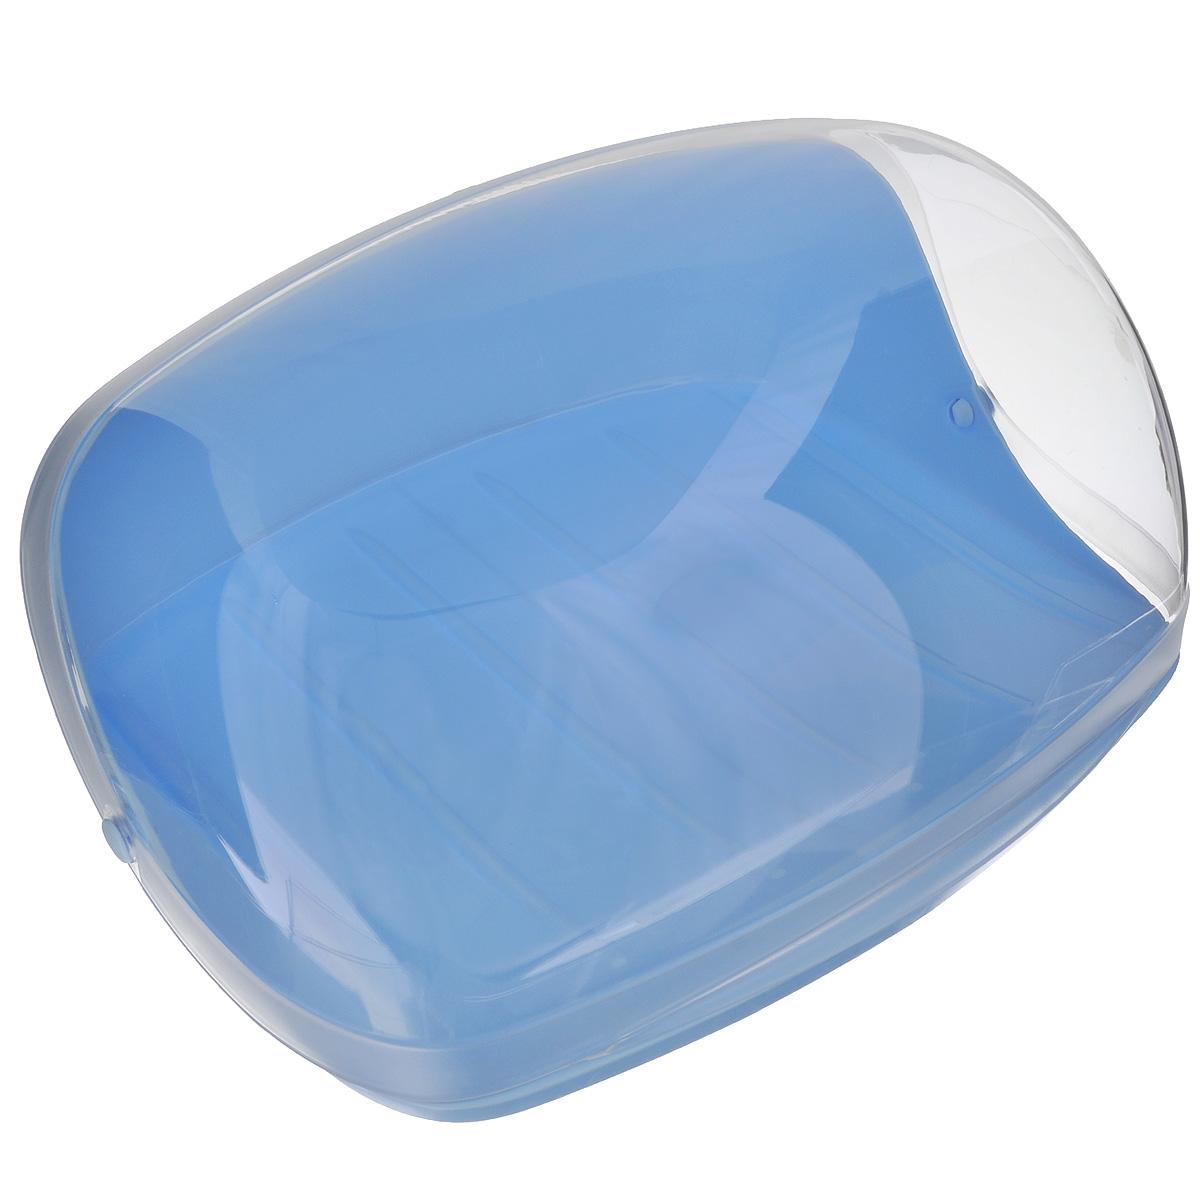 Хлебница Idea, цвет: голубой, прозрачный, 31 см х 24,5 см х 14 смМ 1180Хлебница Idea, изготовленная из пищевого пластика, обеспечивает идеальные условия хранения для различных видов хлебобулочных изделий, надолго сохраняя их свежесть. Изделие оснащено плотно закрывающейся крышкой, защищая продукты от воздействия внешних факторов (запахов и влаги).Вместительность, функциональность и стильный дизайн позволят хлебнице стать не только незаменимым аксессуаром на кухне, но и предметом украшения интерьера. В ней хлеб всегда останется свежим и вкусным.